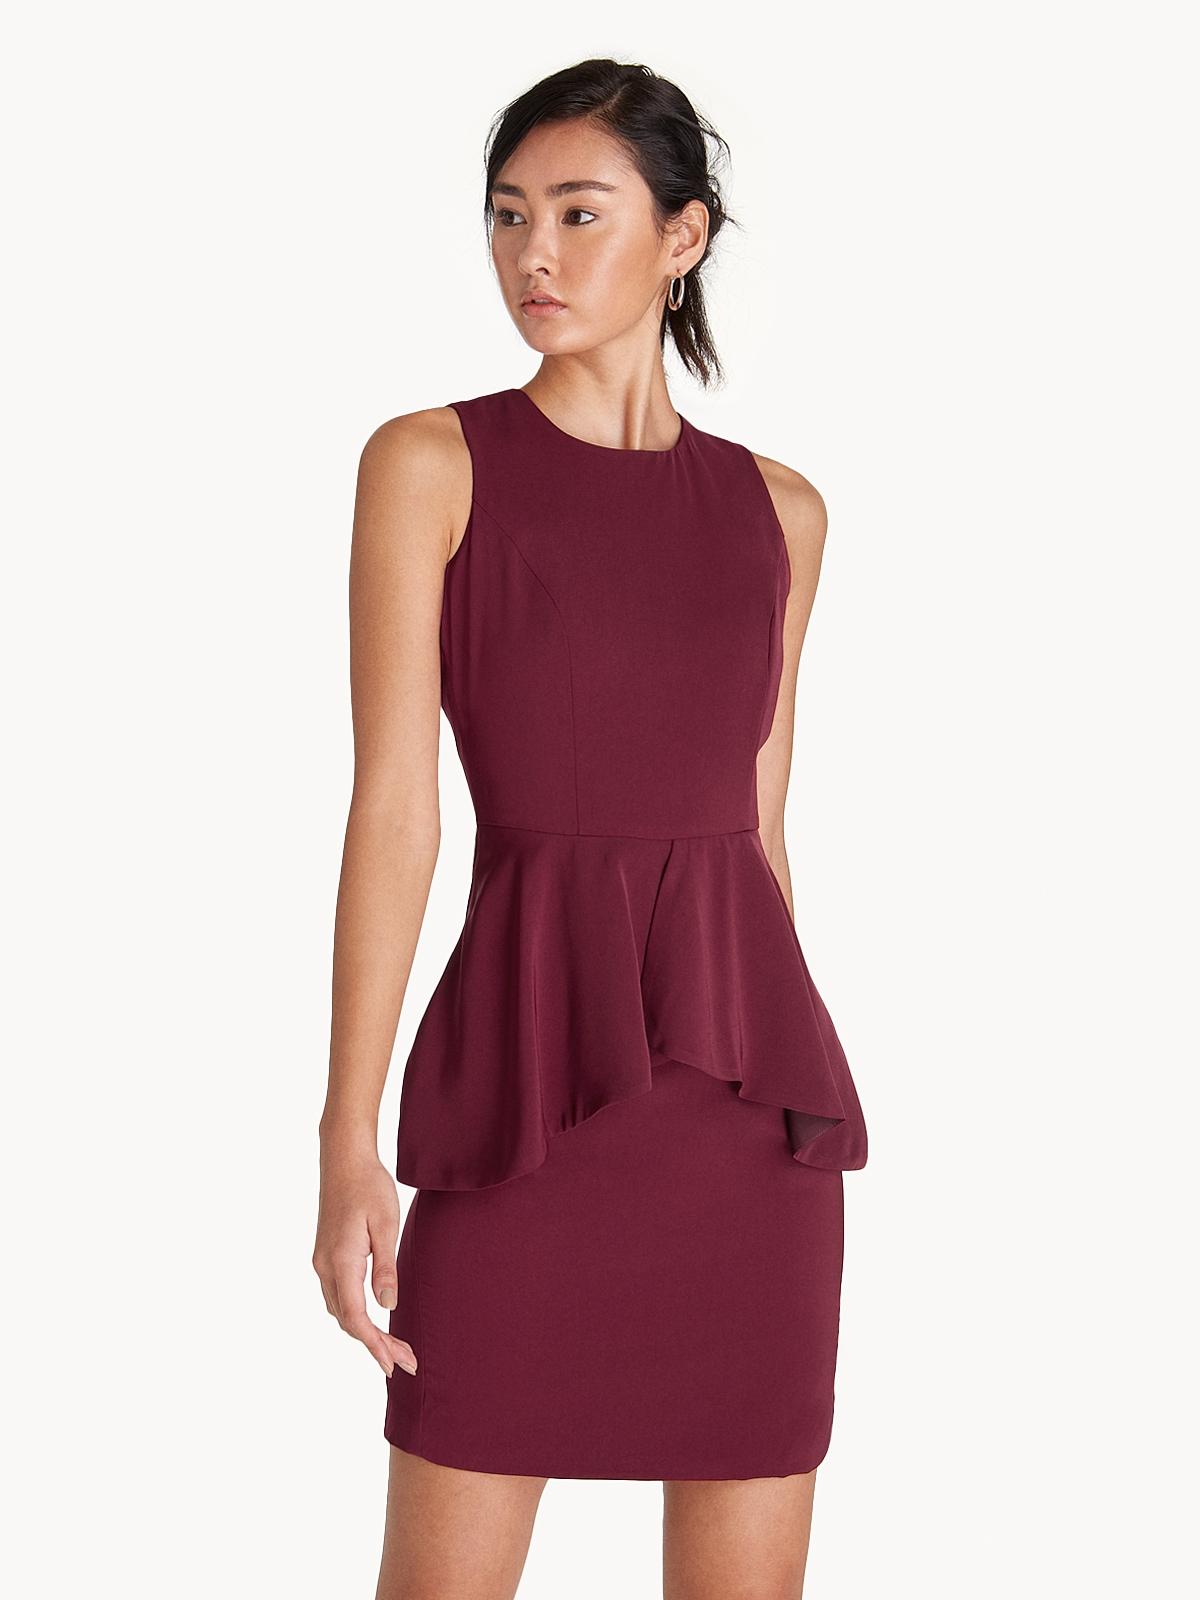 Mini Sleeveless Peplum Dress Red